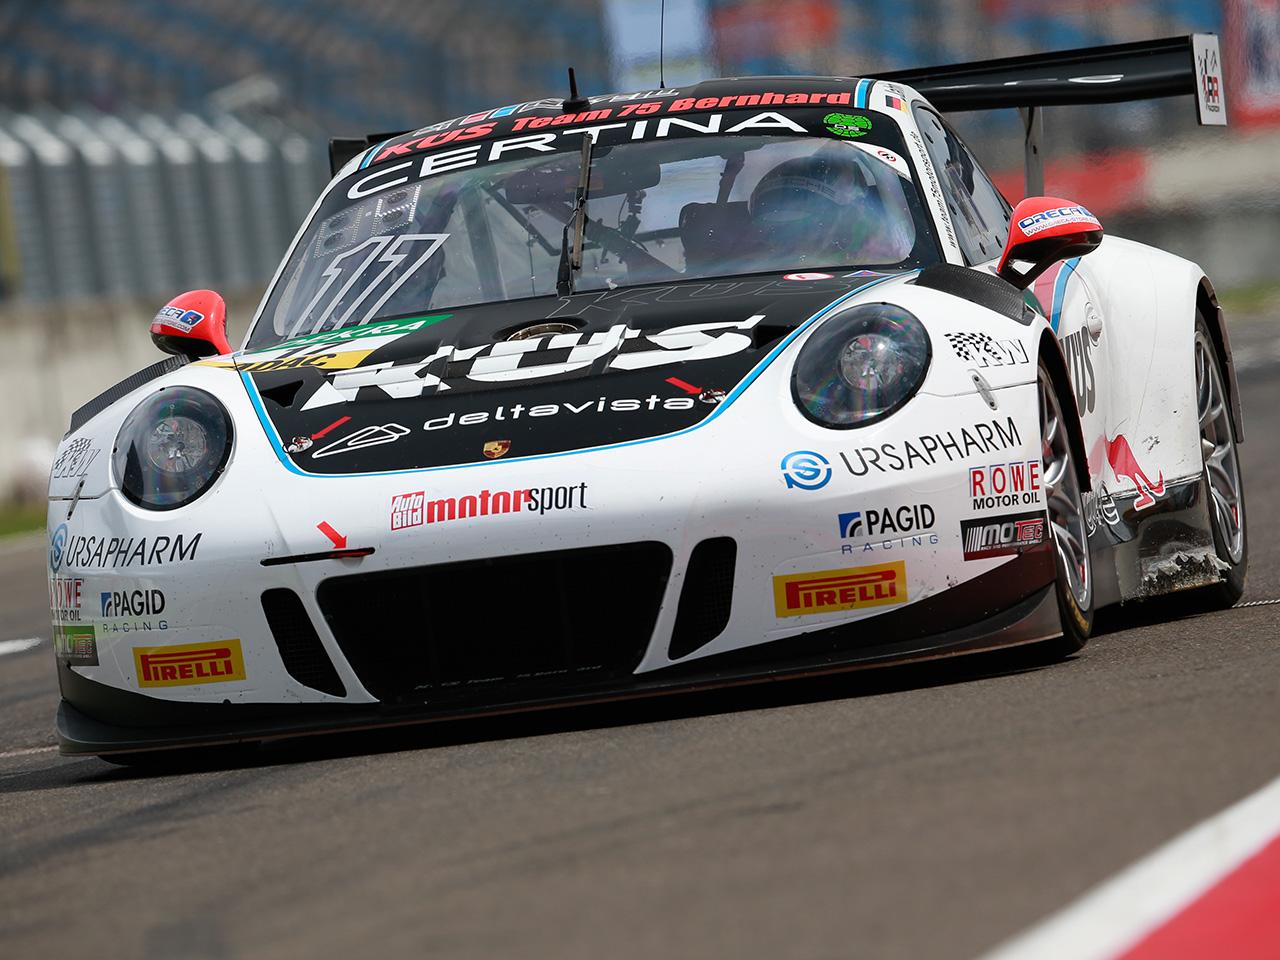 Porsche Timo Bernhard's Team75 Motorsport